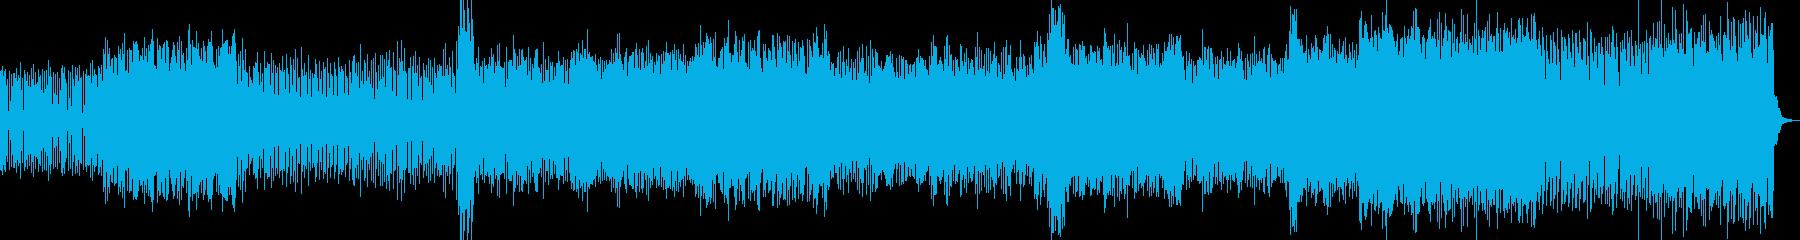 コンセプトムービー向け幻想的なトランスの再生済みの波形